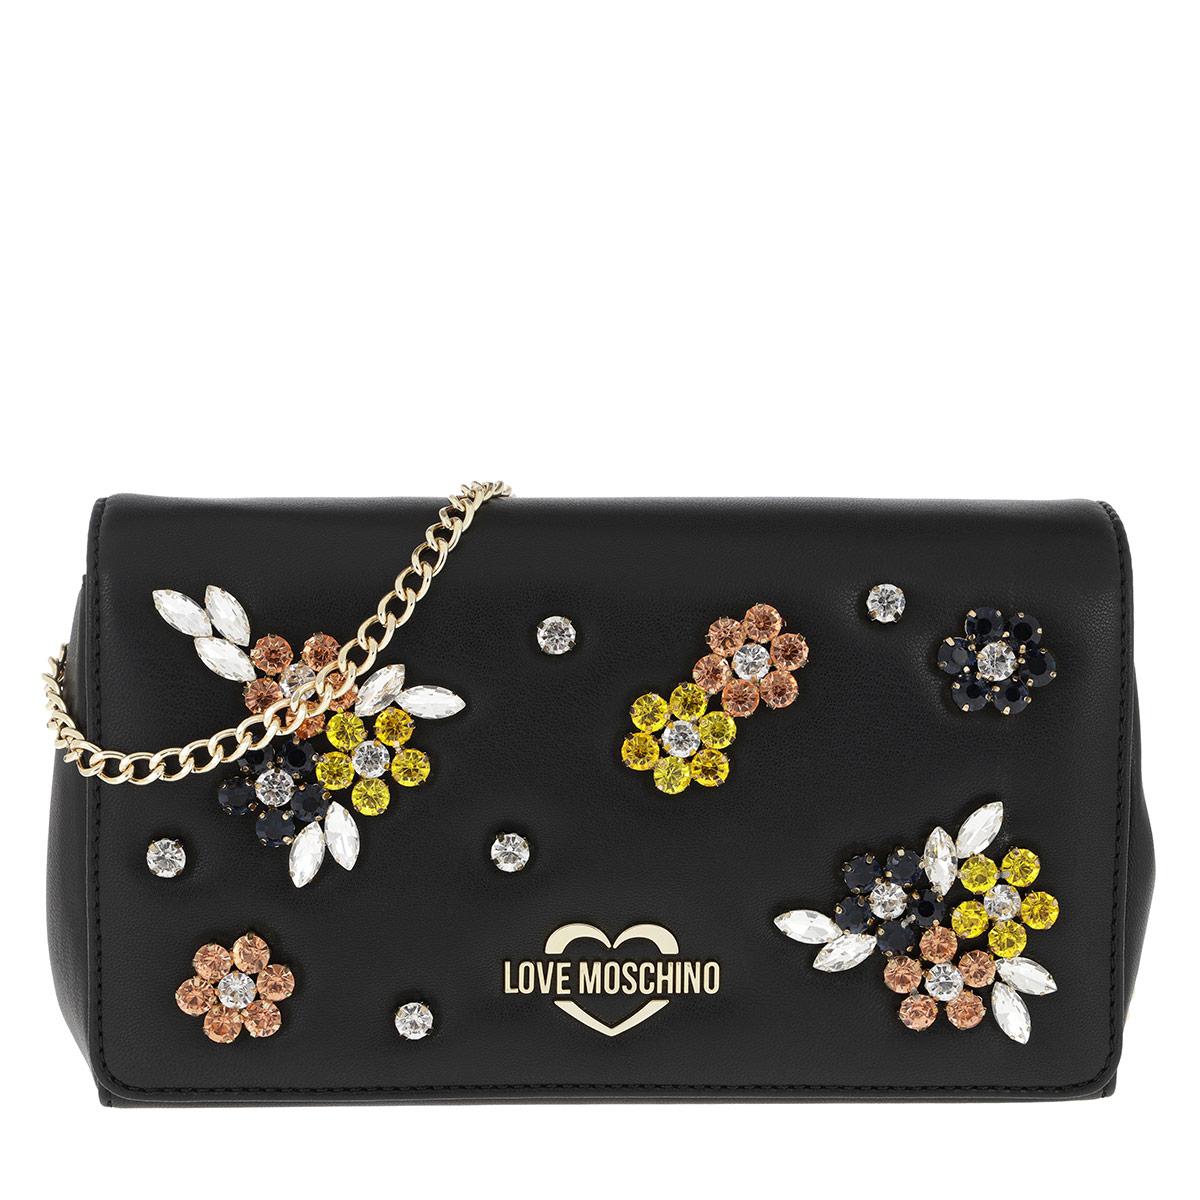 Love Moschino Umhängetasche - Strass Crossbody Bag Black - in schwarz - für Damen